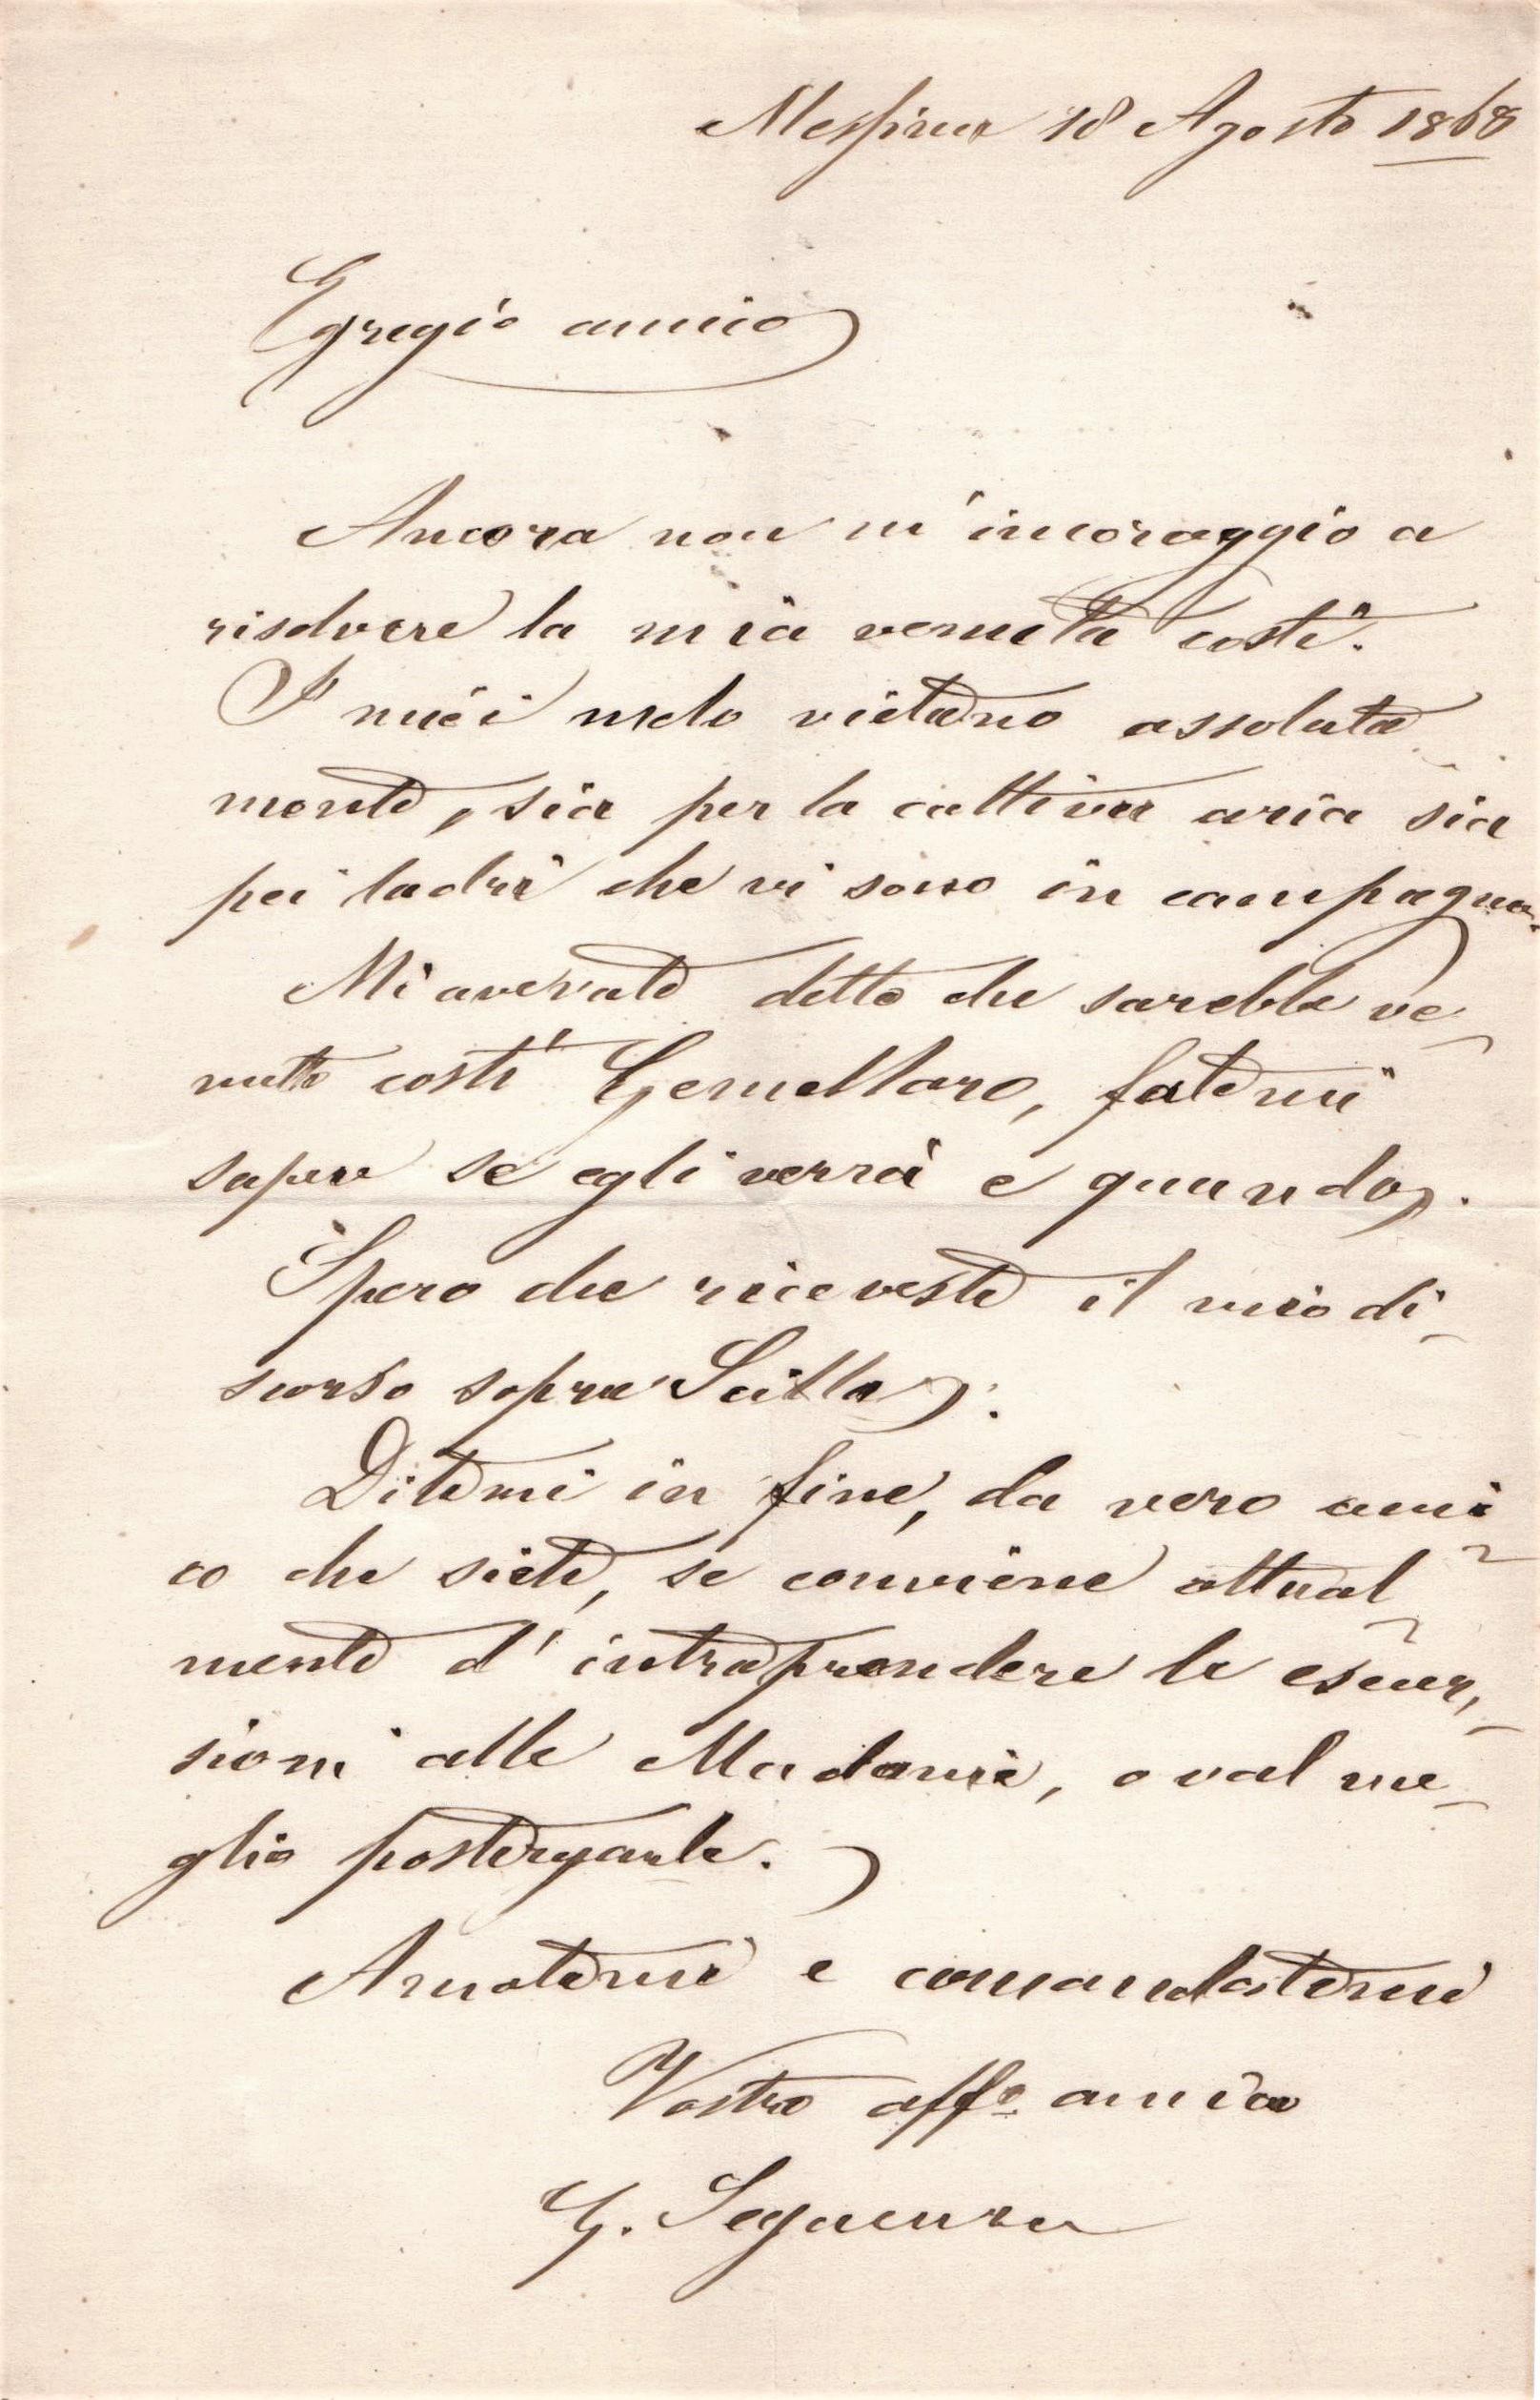 lettera di Seguenza al Minà in cui si parla di una escursione sulle Madonie da fare insieme ma che per problemi di salute da parte dell'entomologo devono postcipare.